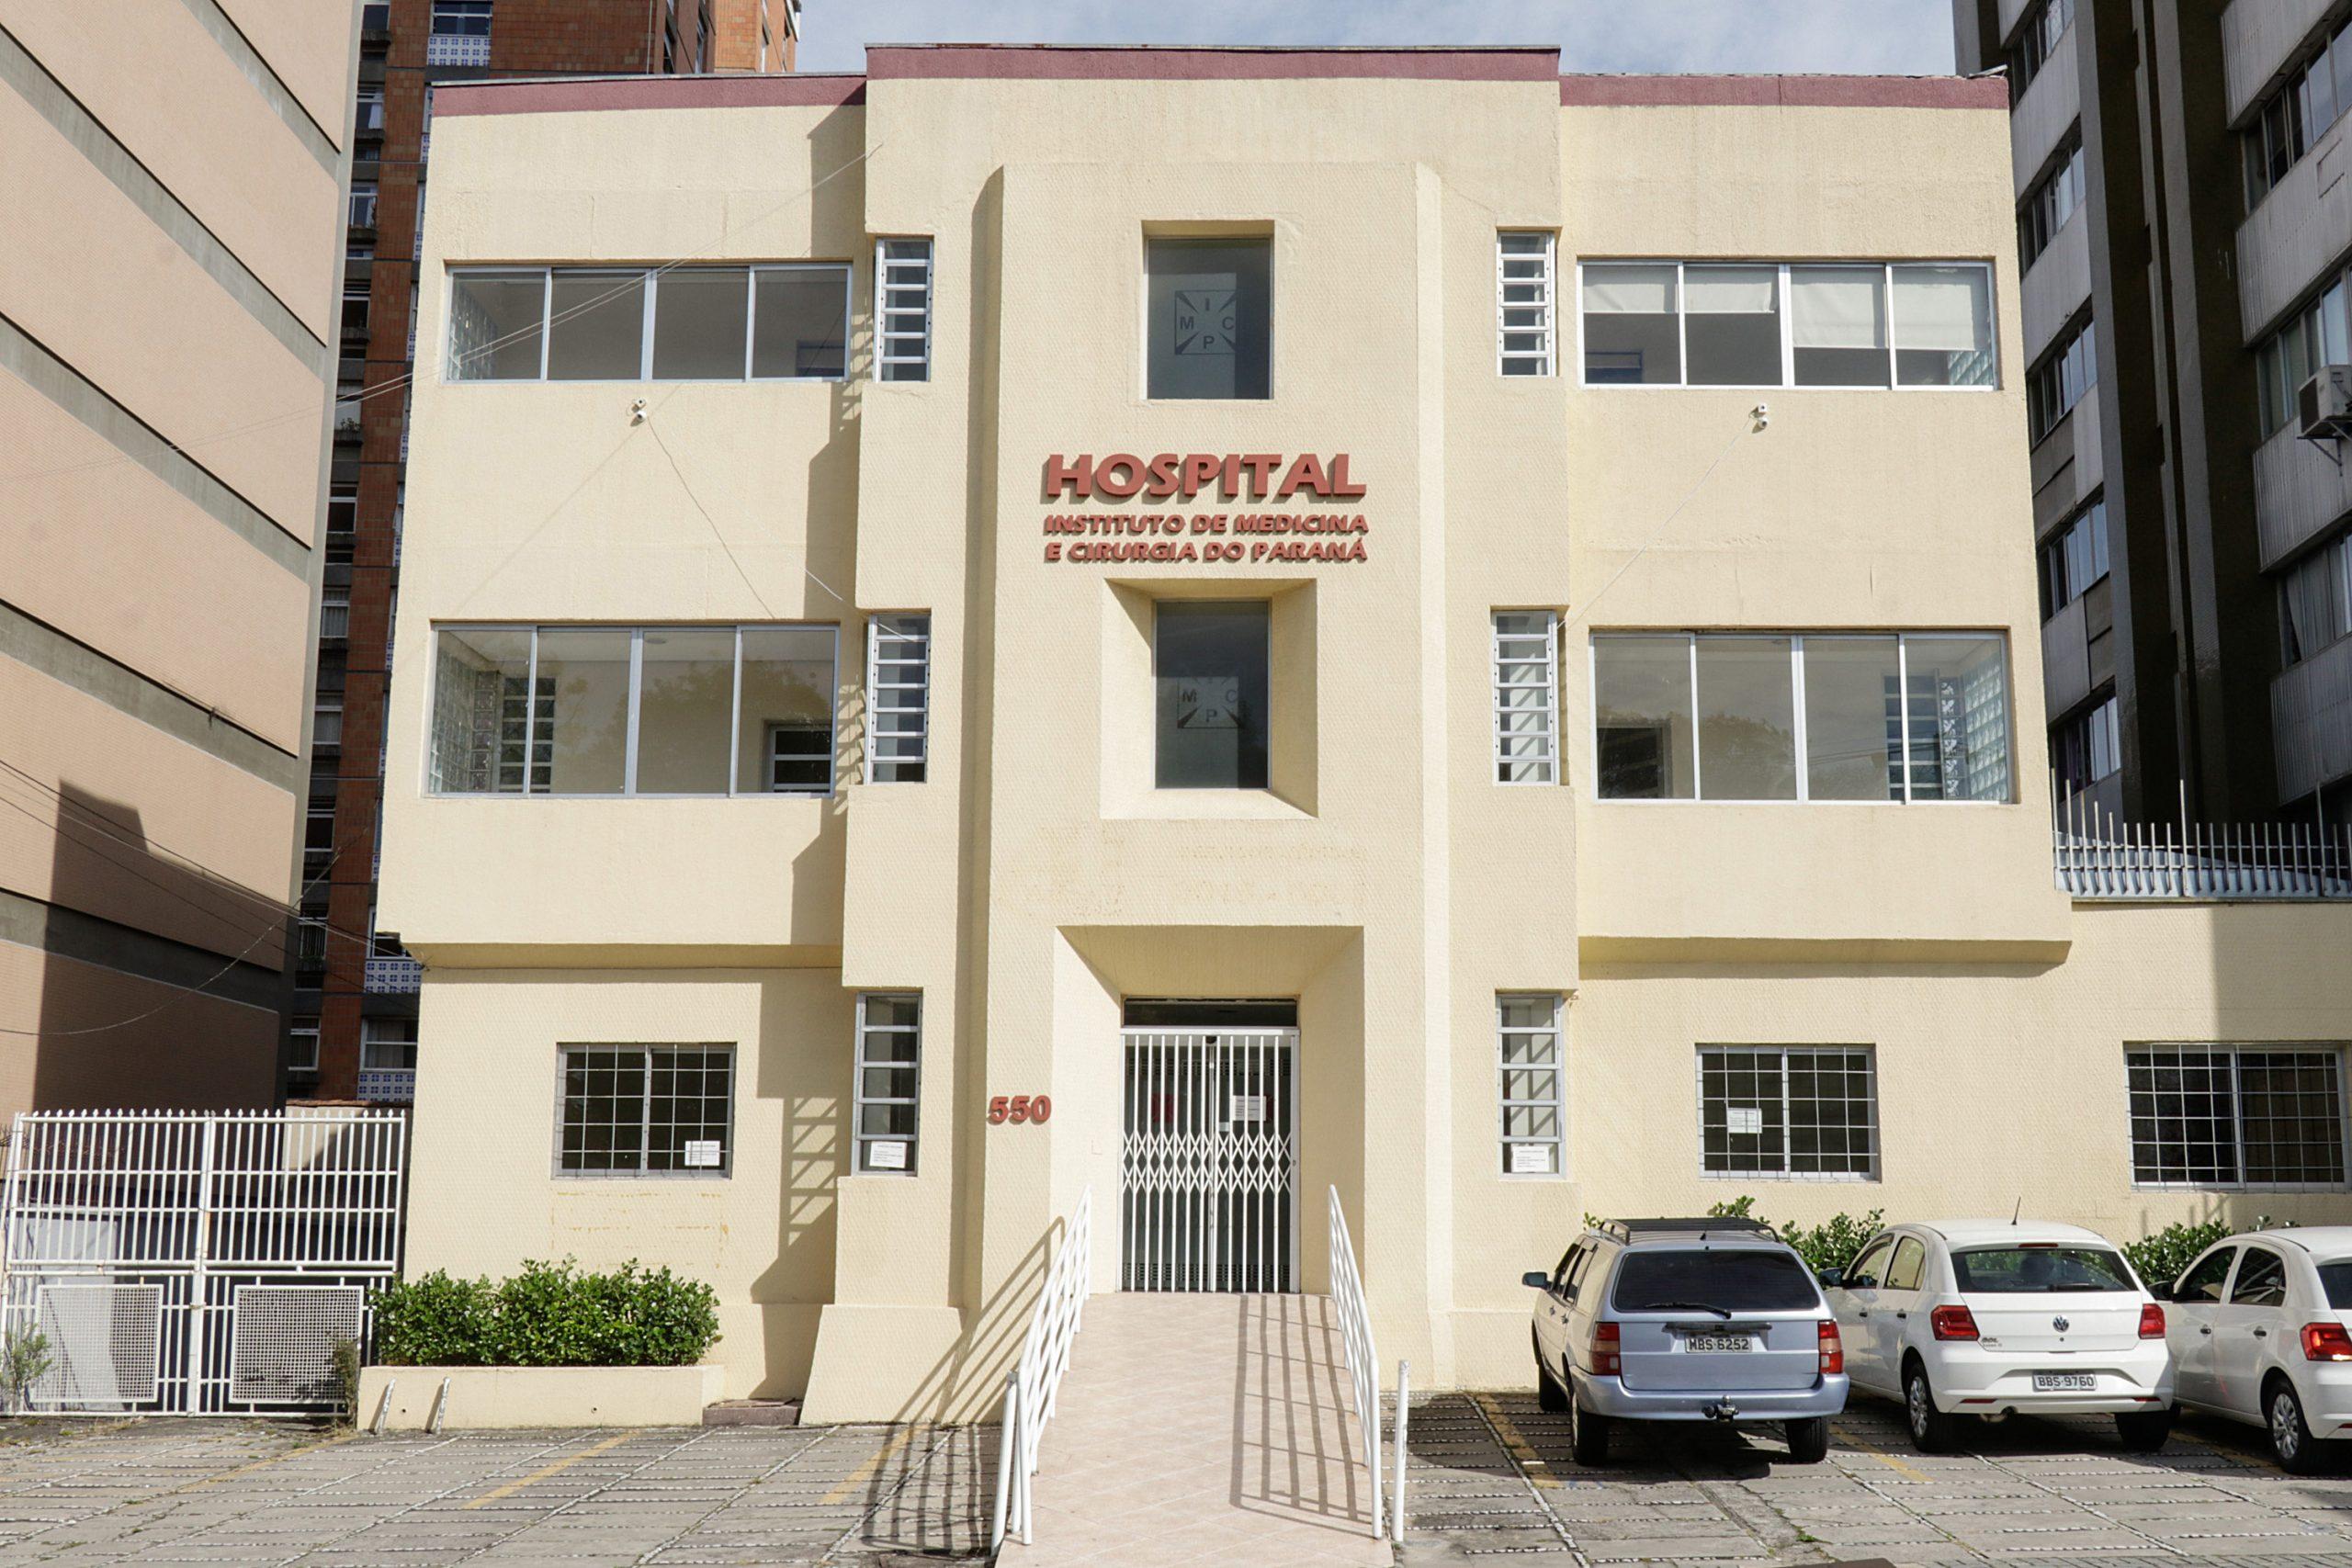 Prefeito Rafael Greca, anuncia reabertura do Hospital Instituto de Medicina e Cirurgia do Paraná. Curitiba. 25/06/2020 Foto: Ricardo Marajó / SMCS